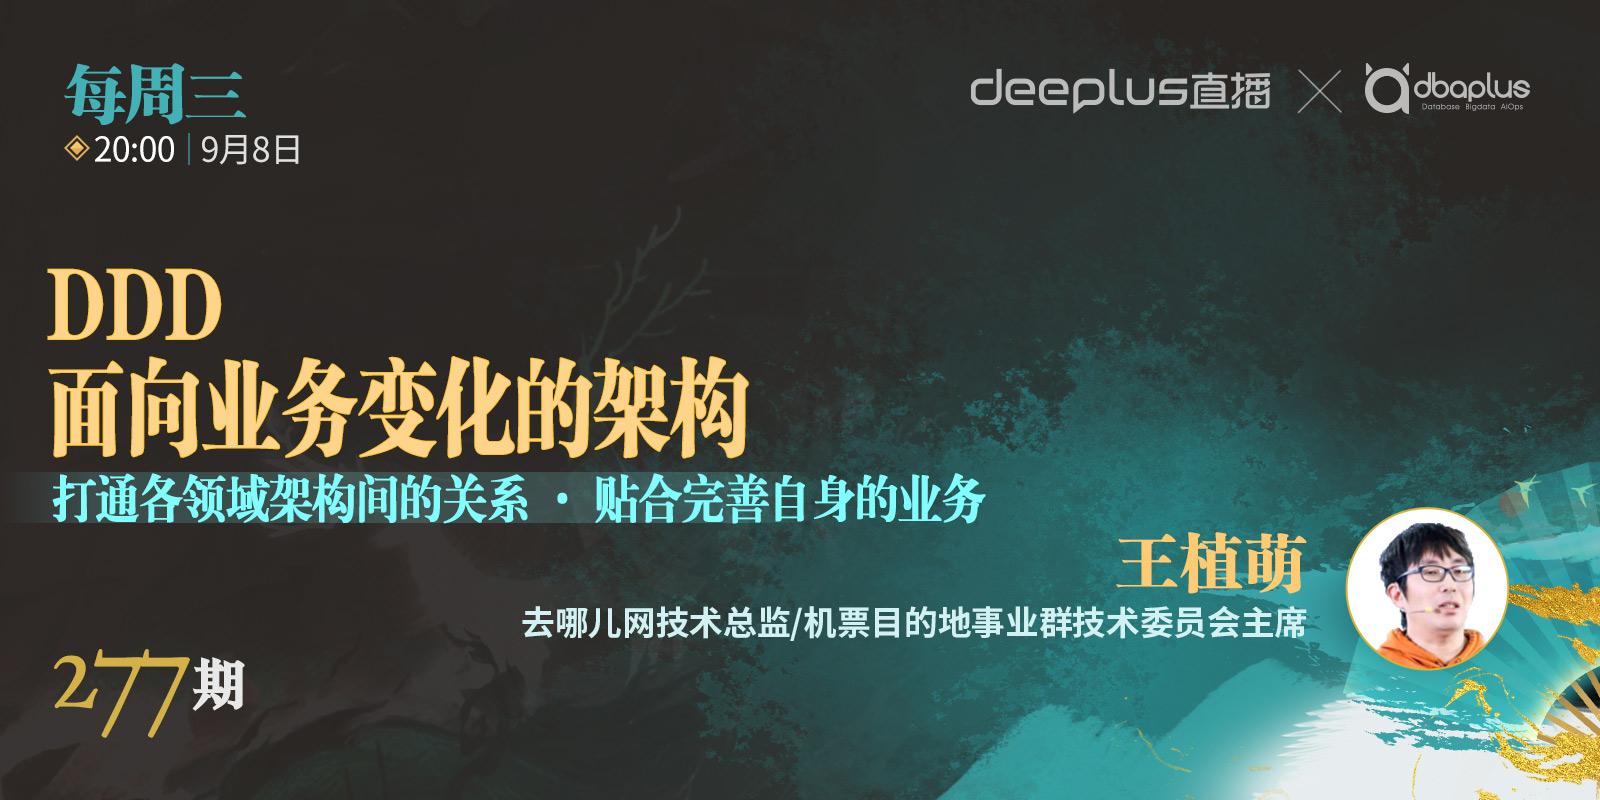 【dbaplus社群线上分享277期】DDD面向业务变化的架构